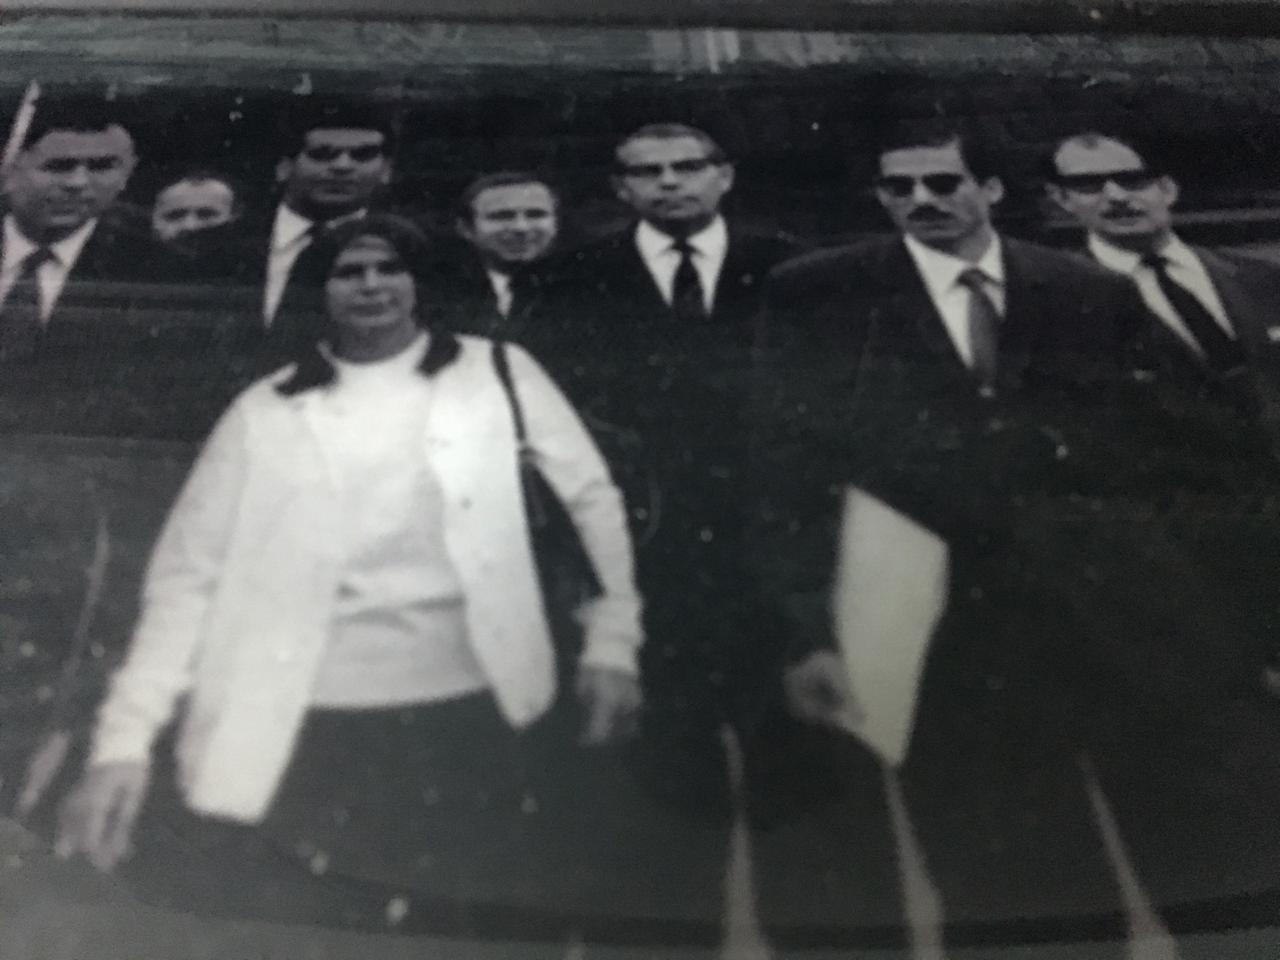 شفيع في رحلة إلى ألمانيا شرقية صحبة وفد من الاتحاد الاشتراكي واشتراكيين ألمان، وهي مرحلة ألتزم صاحب الفاتحة للشيخ حسٰنين بالصمت تجاهها.